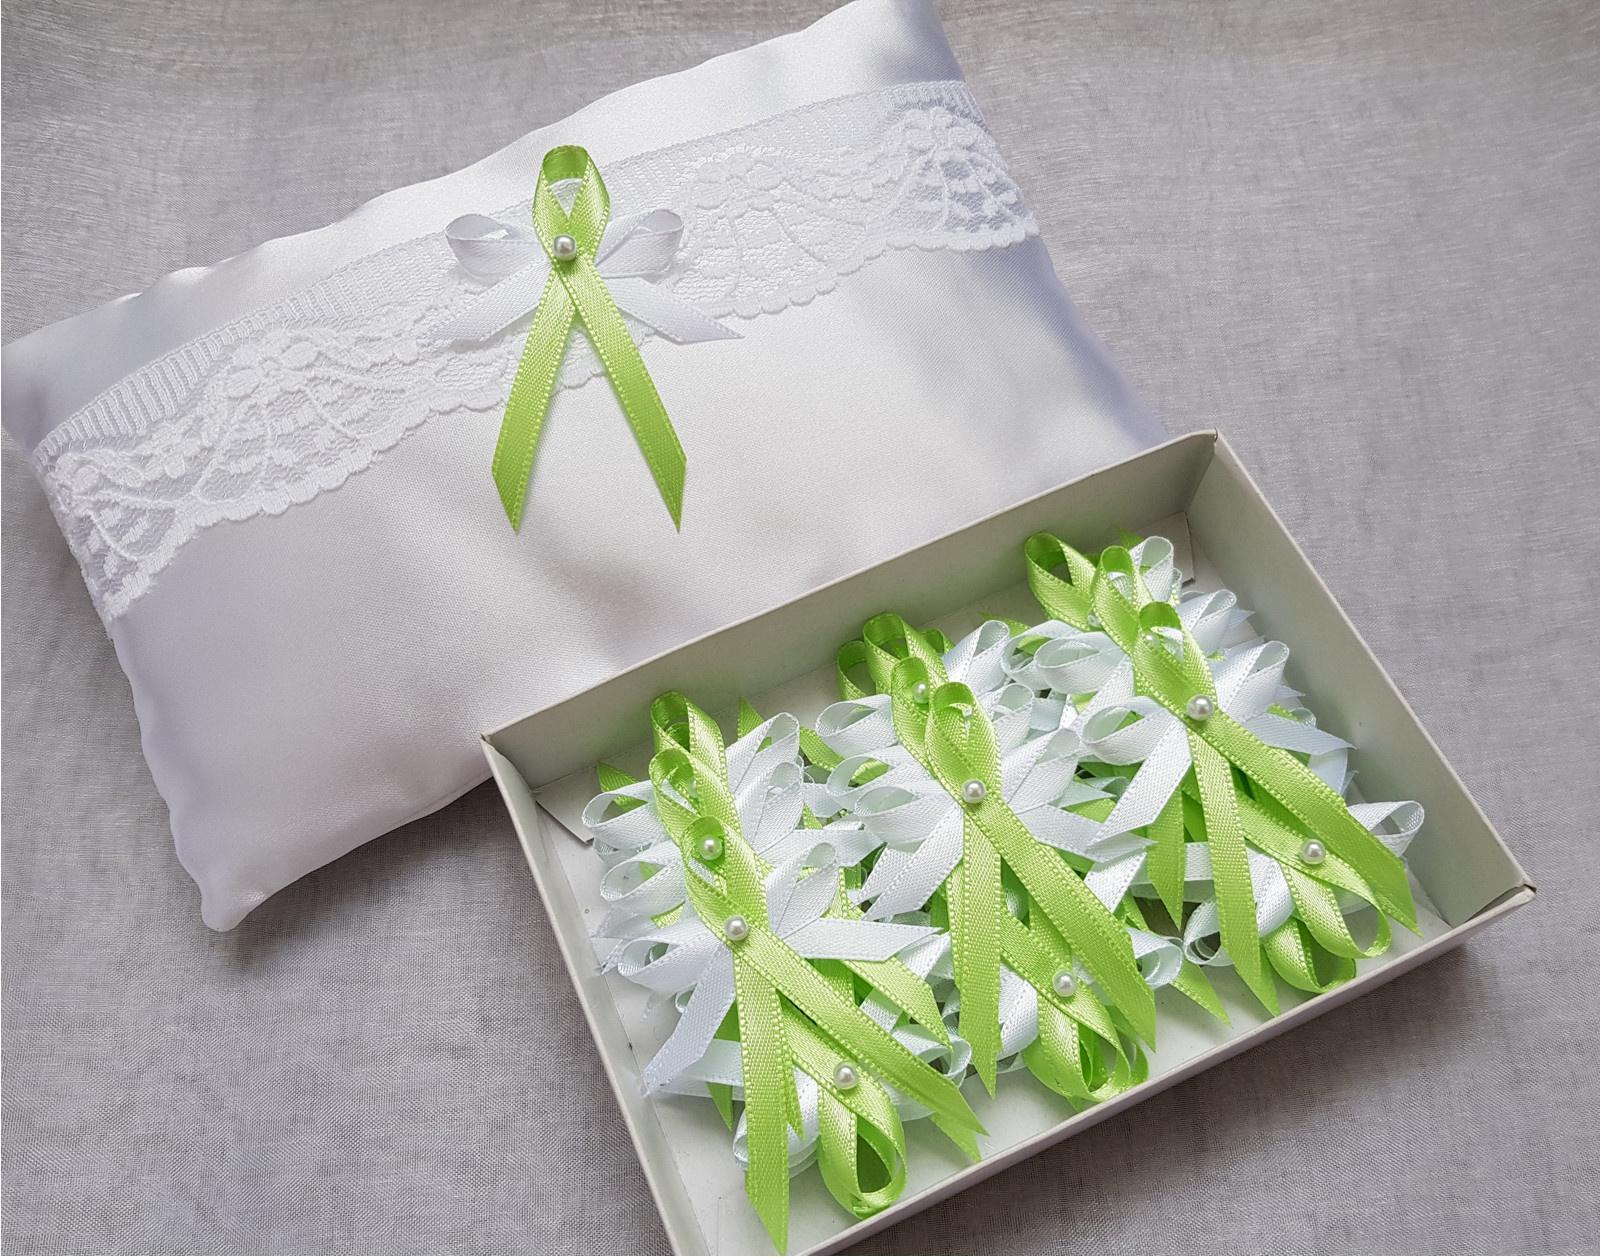 Svatební vývazky jarní zelená a bílá - Obrázek č. 1